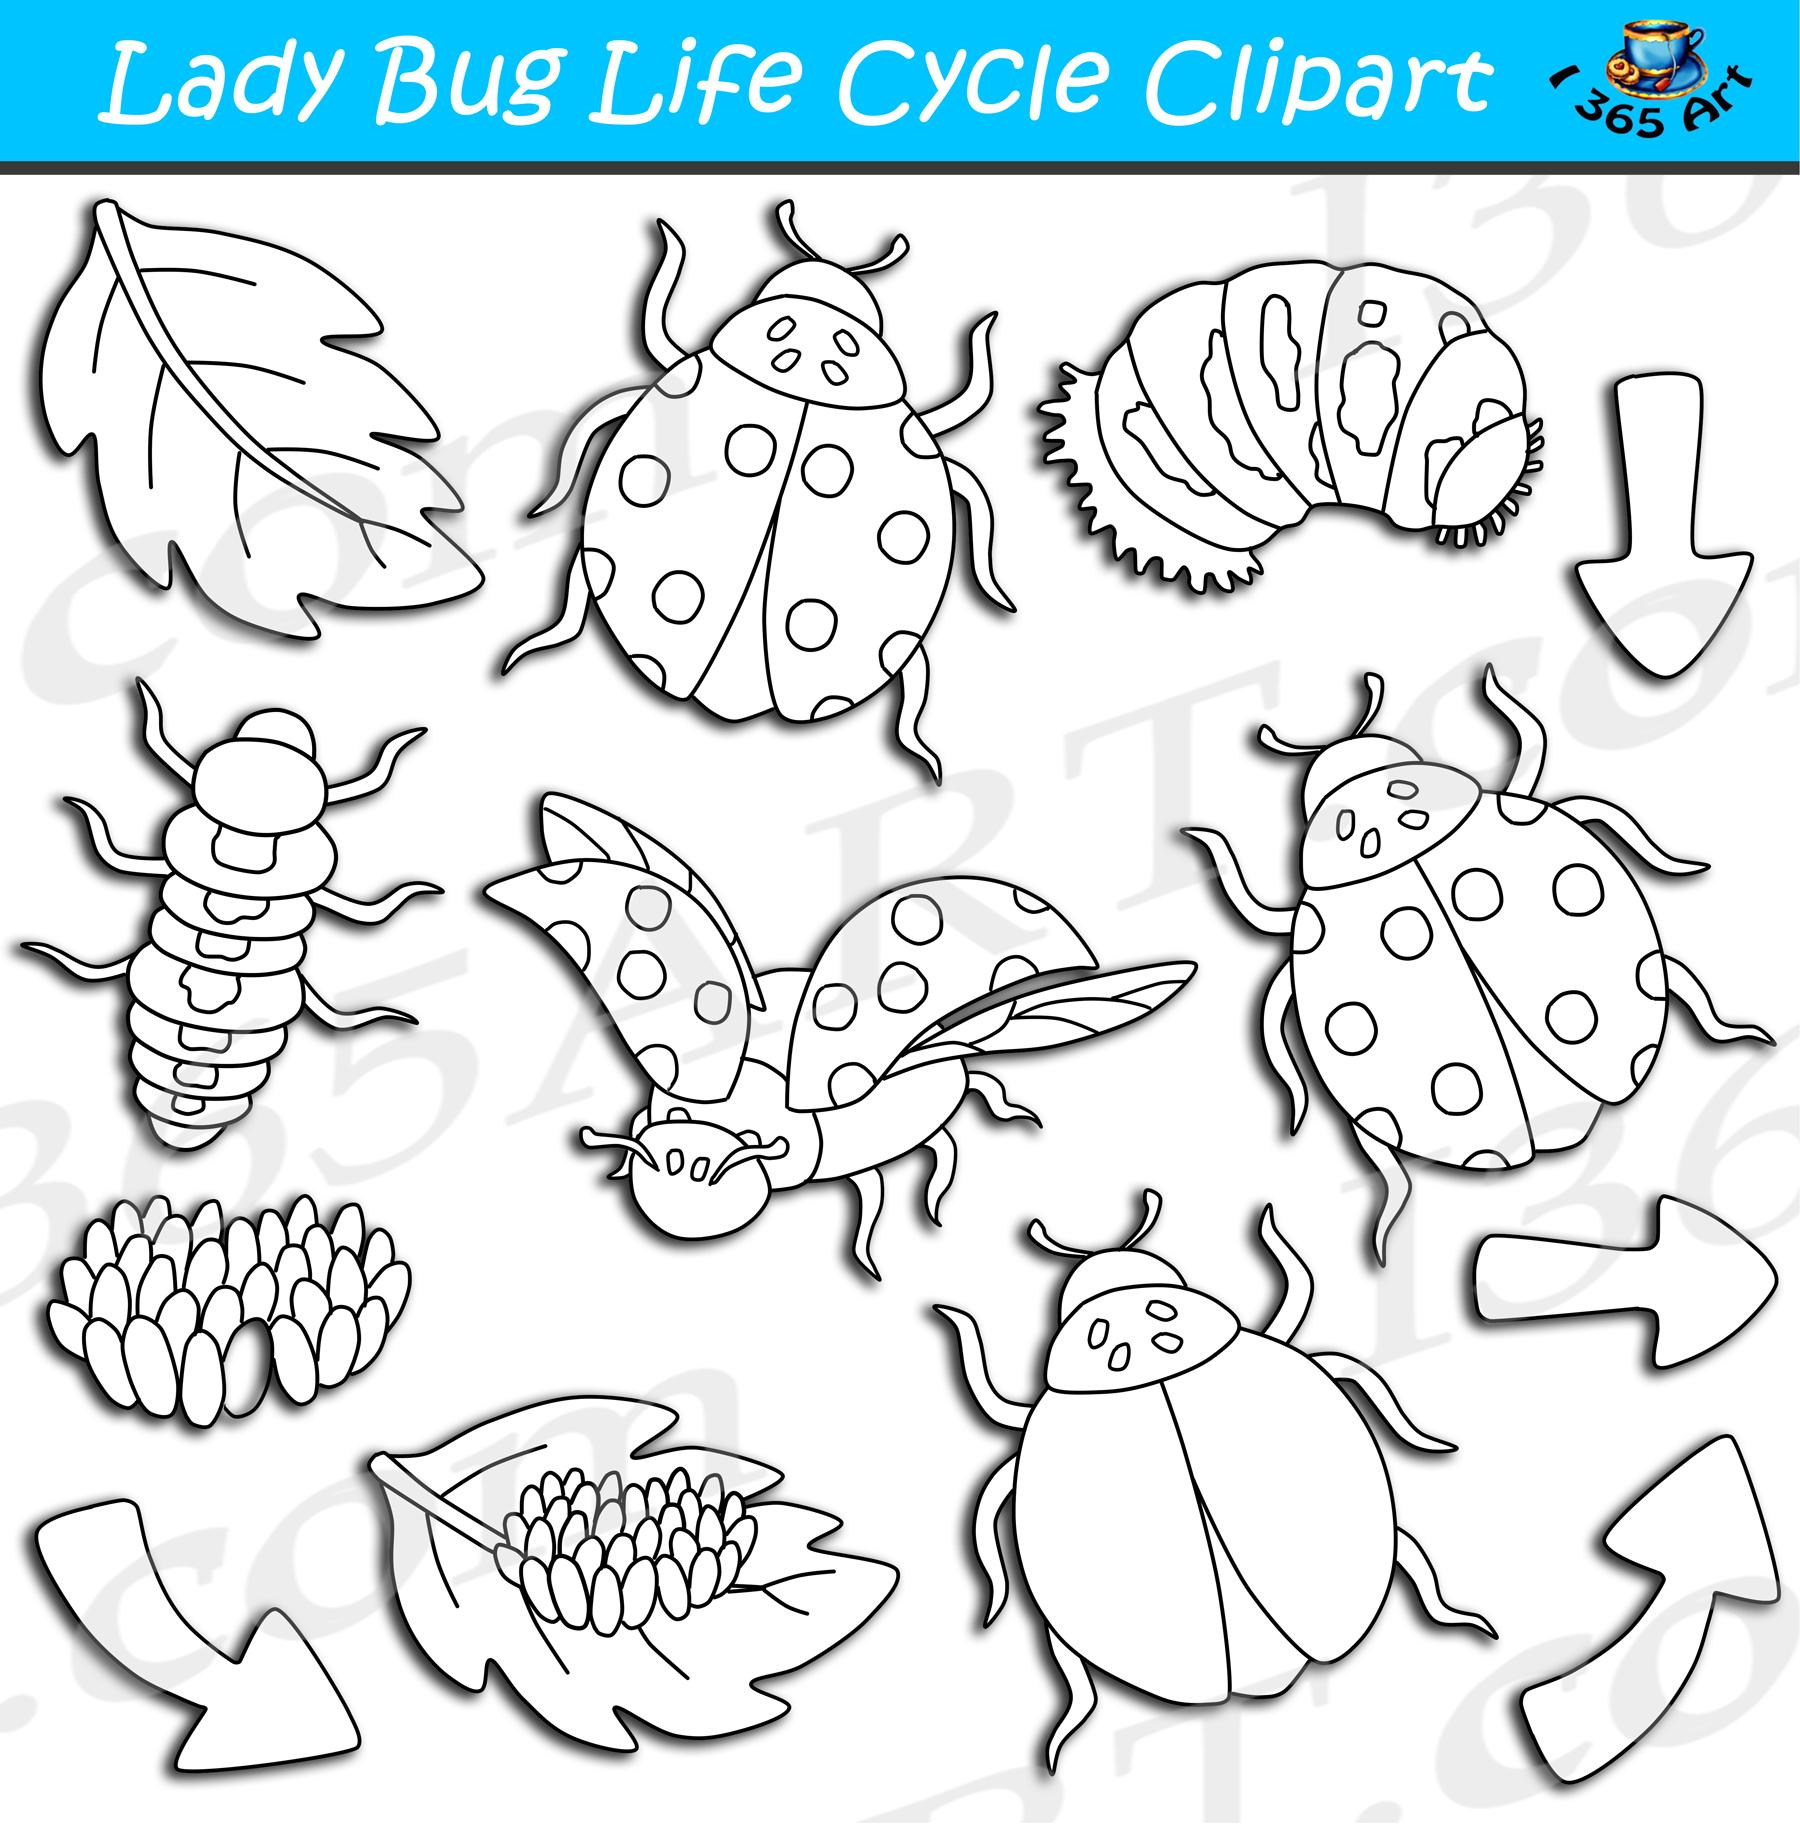 Life cycle bundle . Ladybug clipart lifecycle